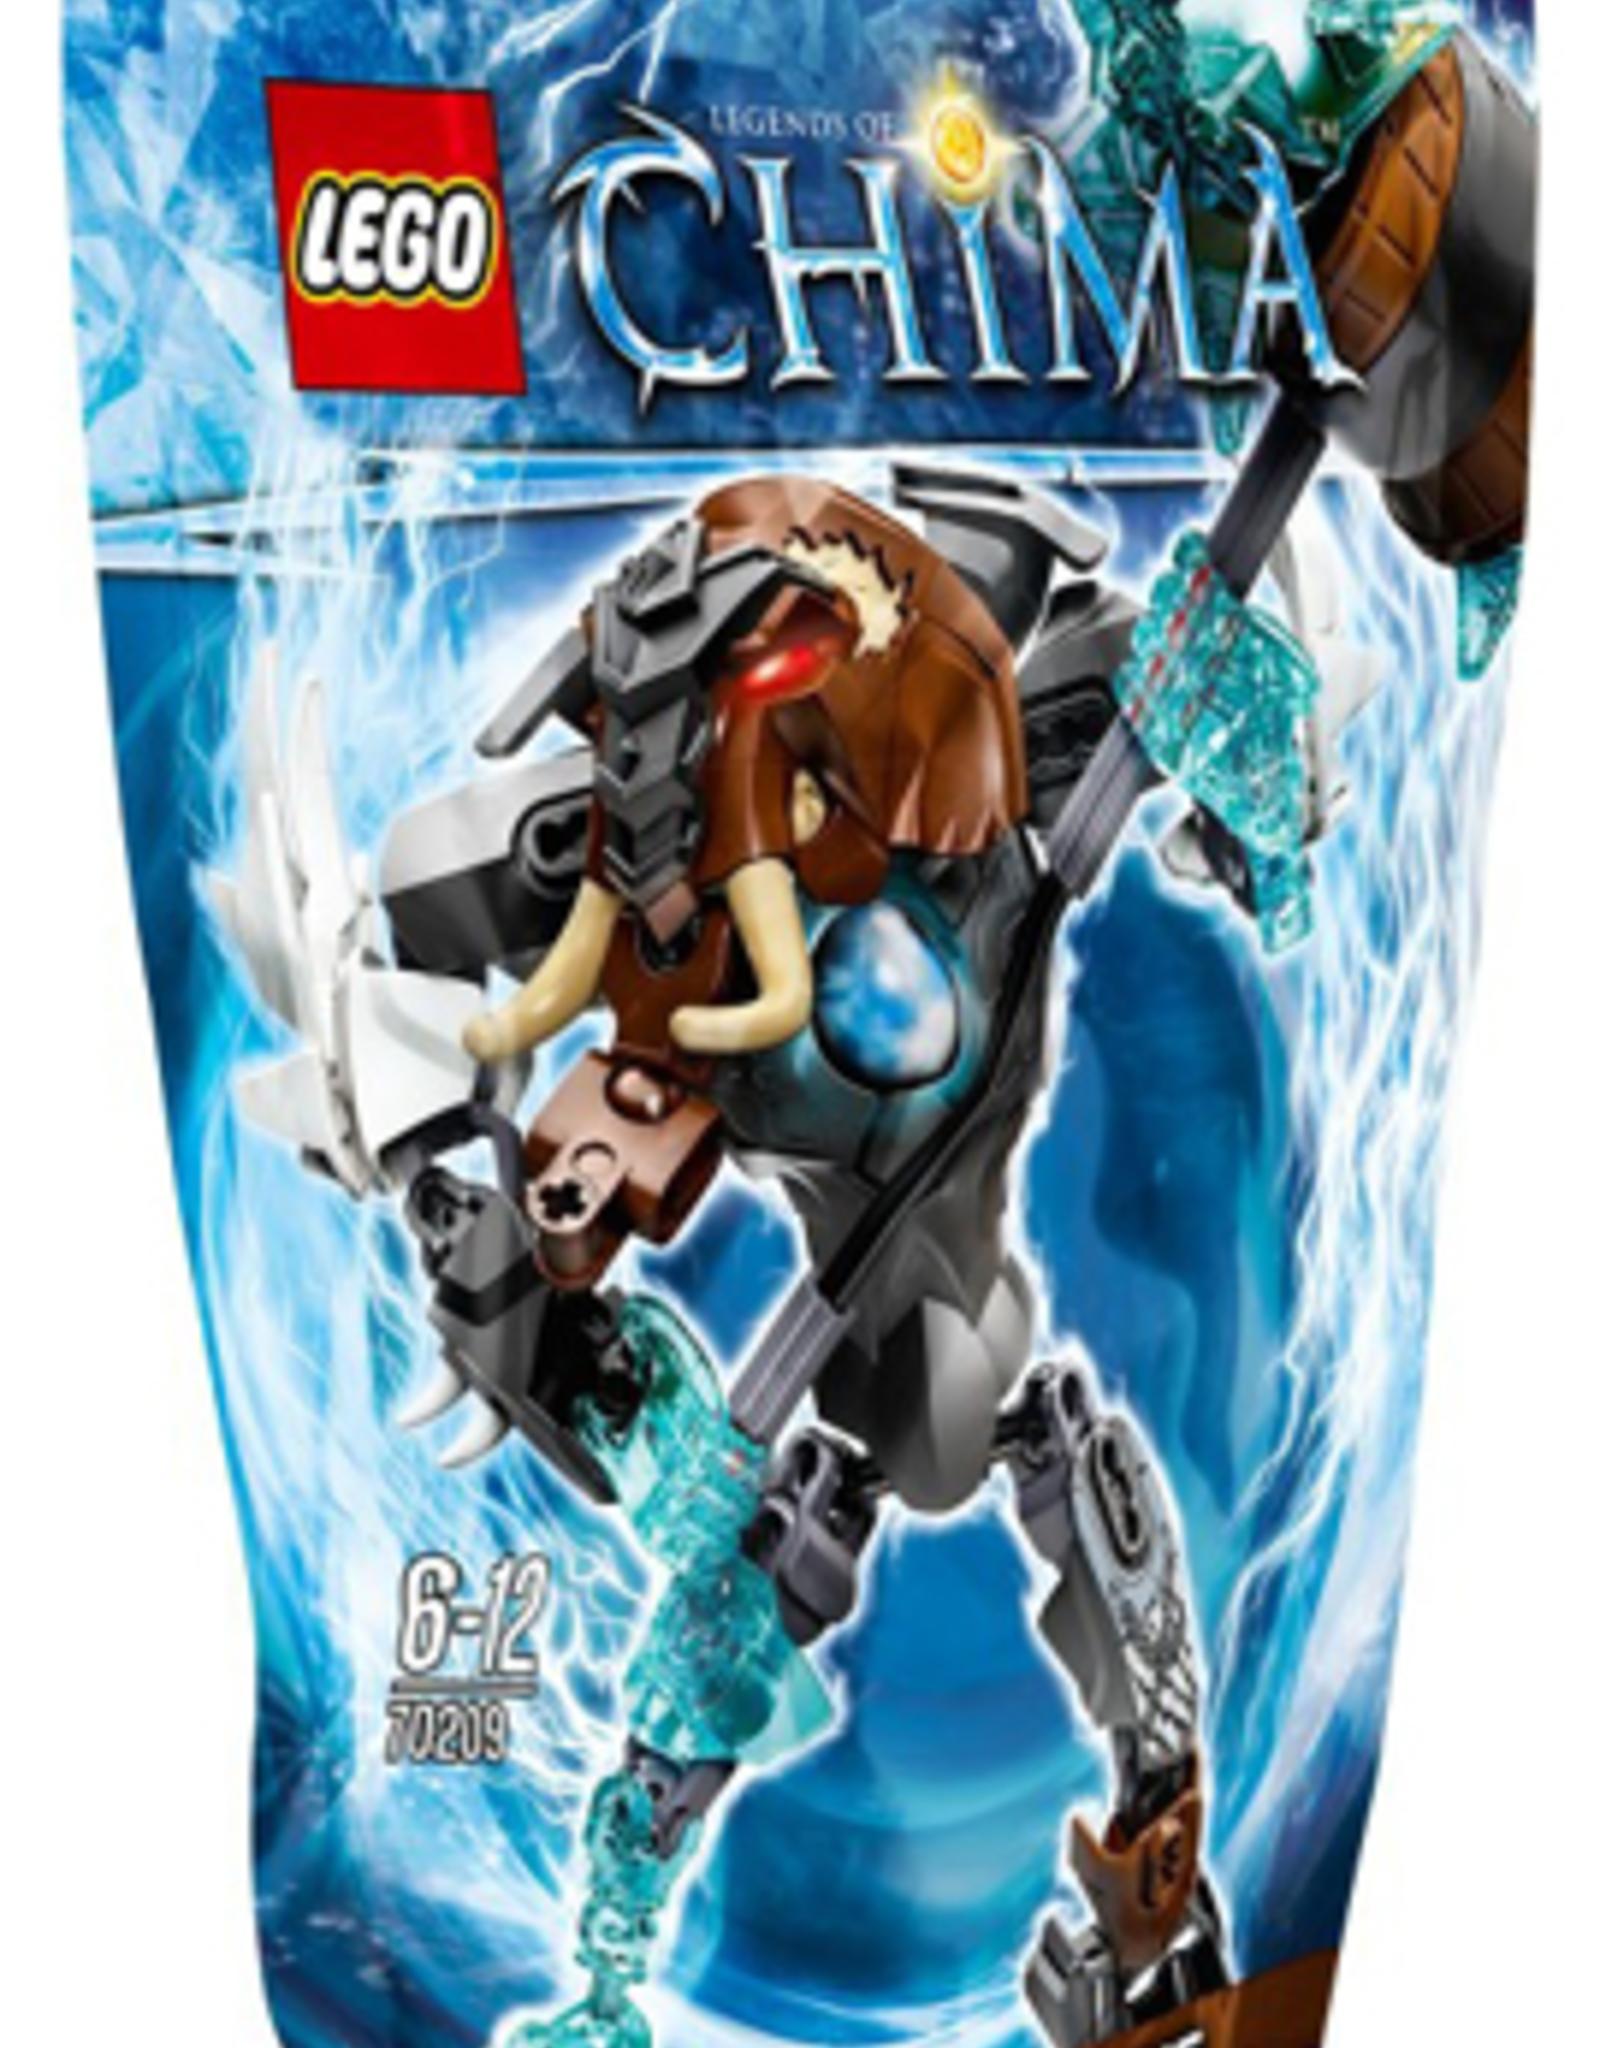 LEGO LEGO 70209 CHI Mungus CHIMA